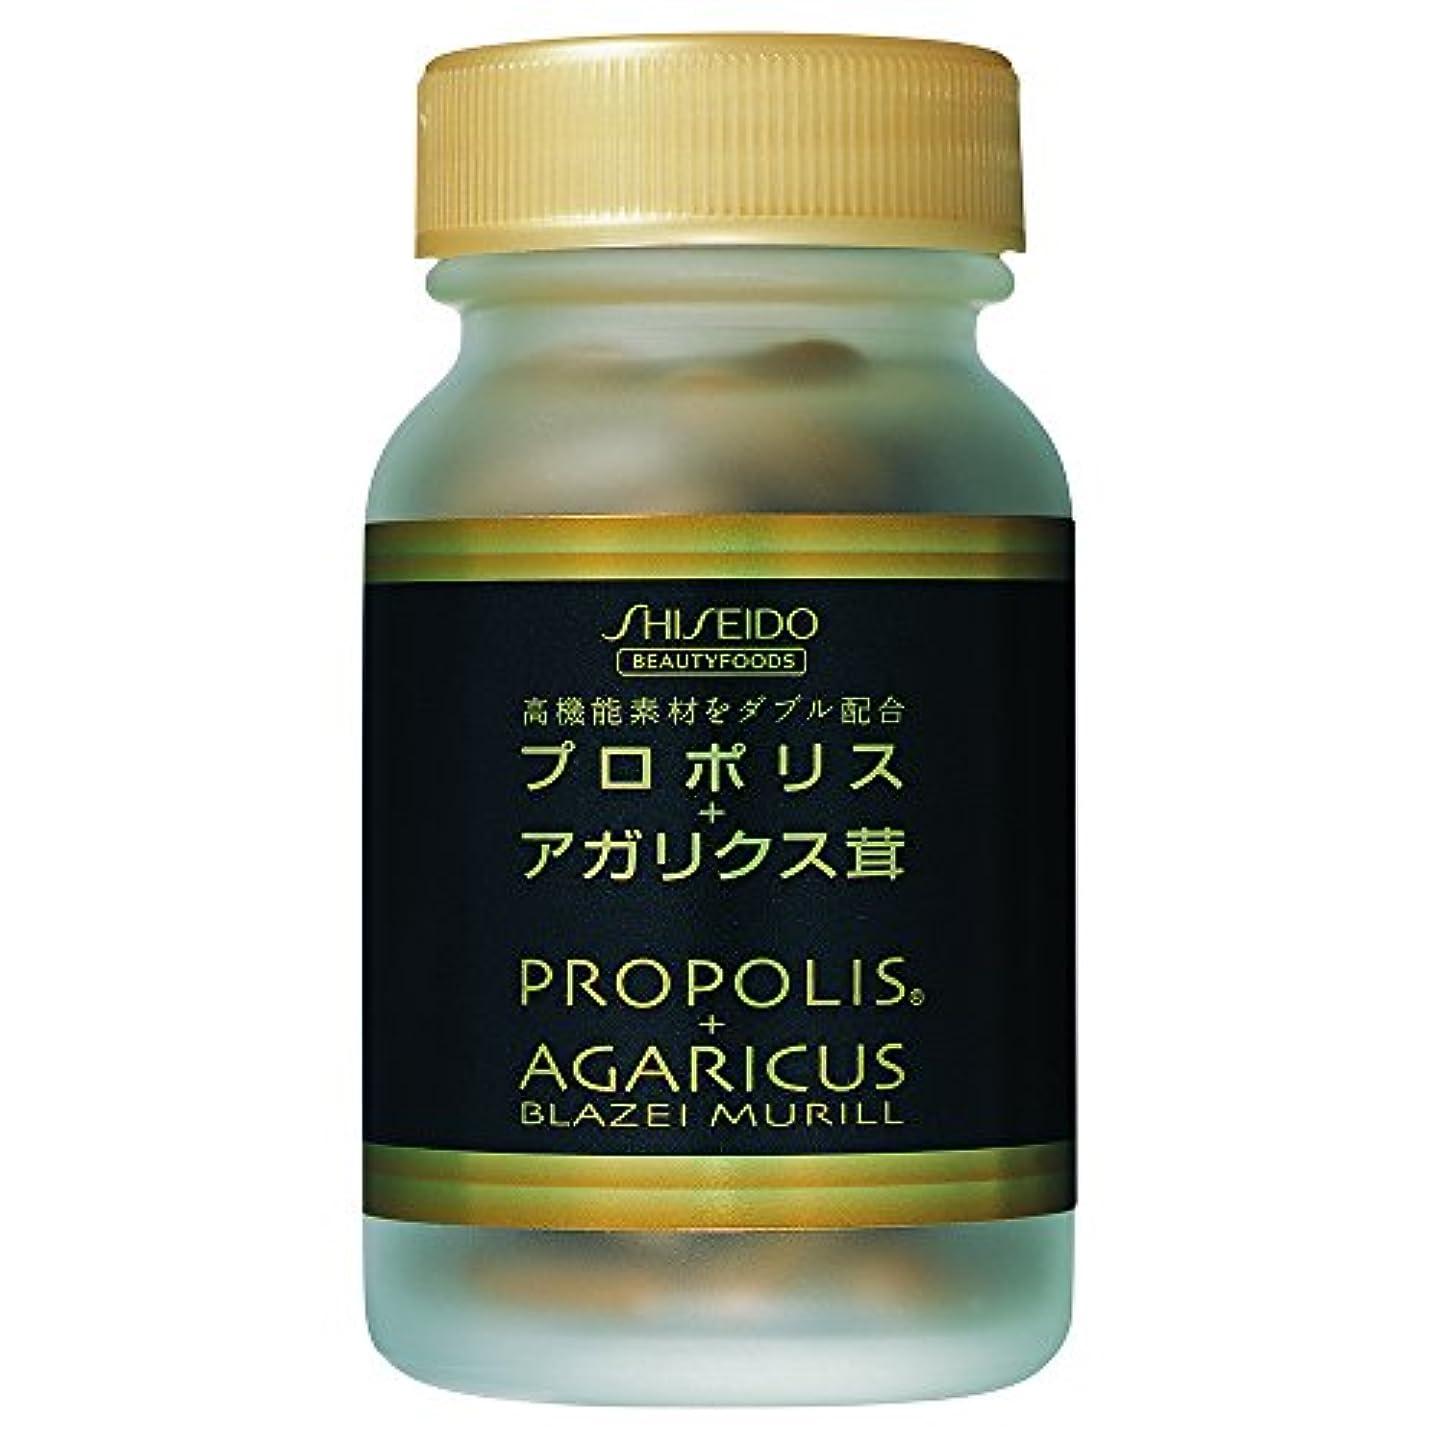 教師の日立方体明らかにするプロポリス + アガリクス茸 (N) 90粒